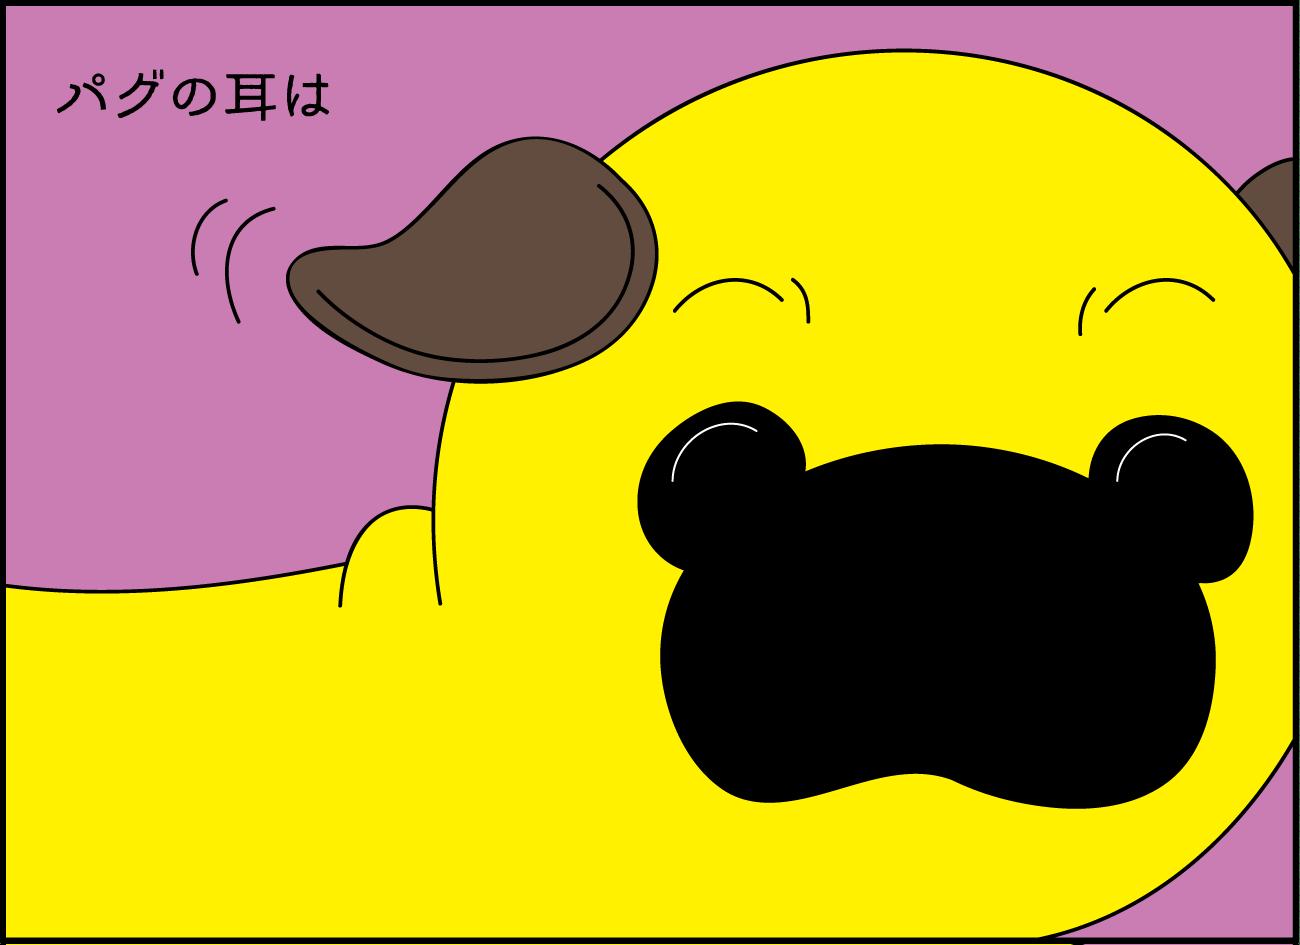 【パグとわたし】パグの耳